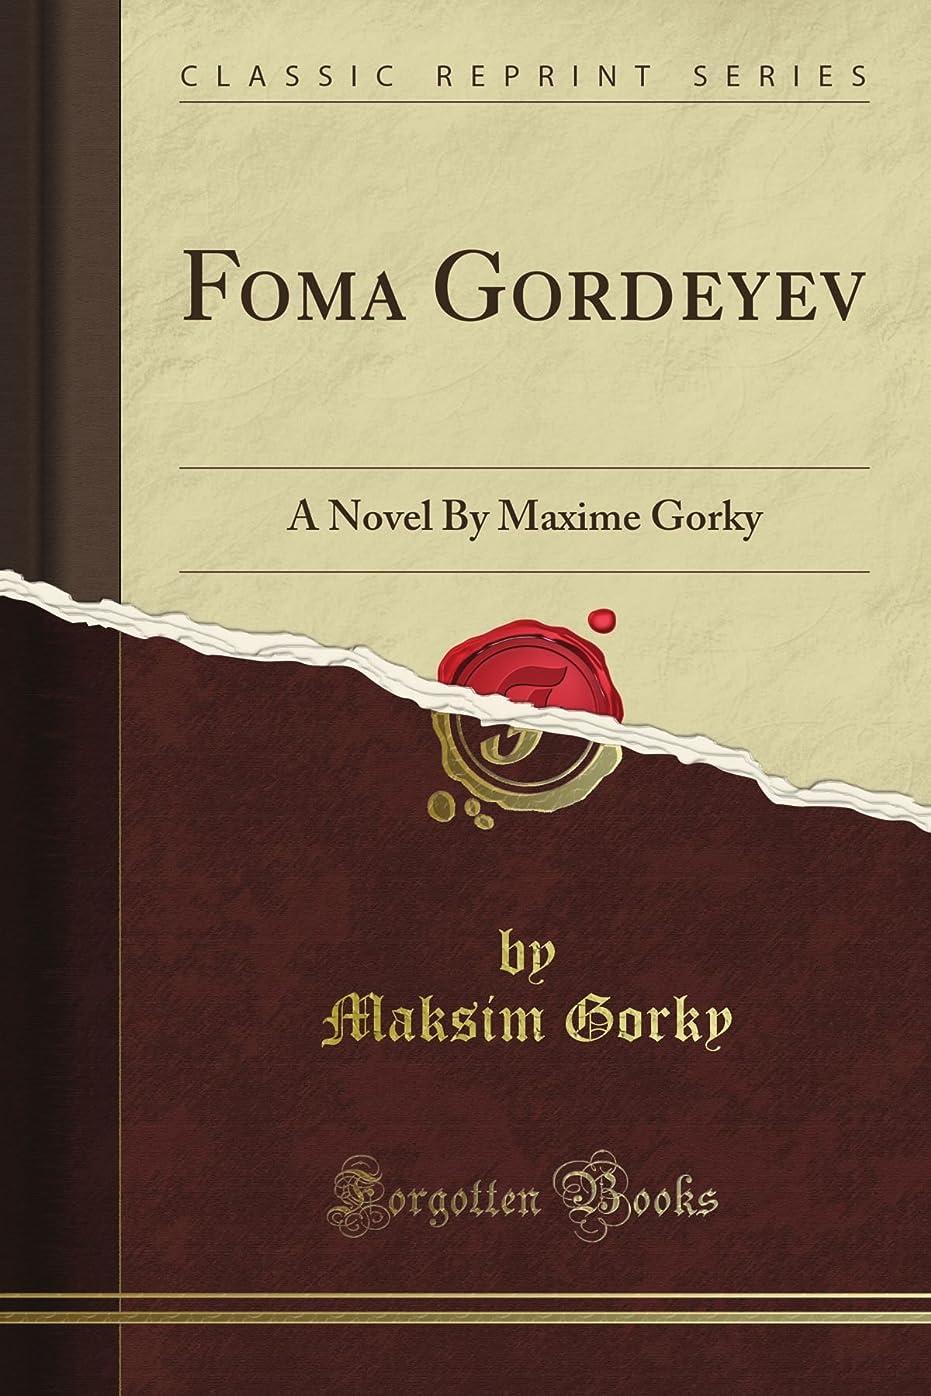 害虫東方正統派Foma Gordeyev: A Novel By Maxime Gorky (Classic Reprint)